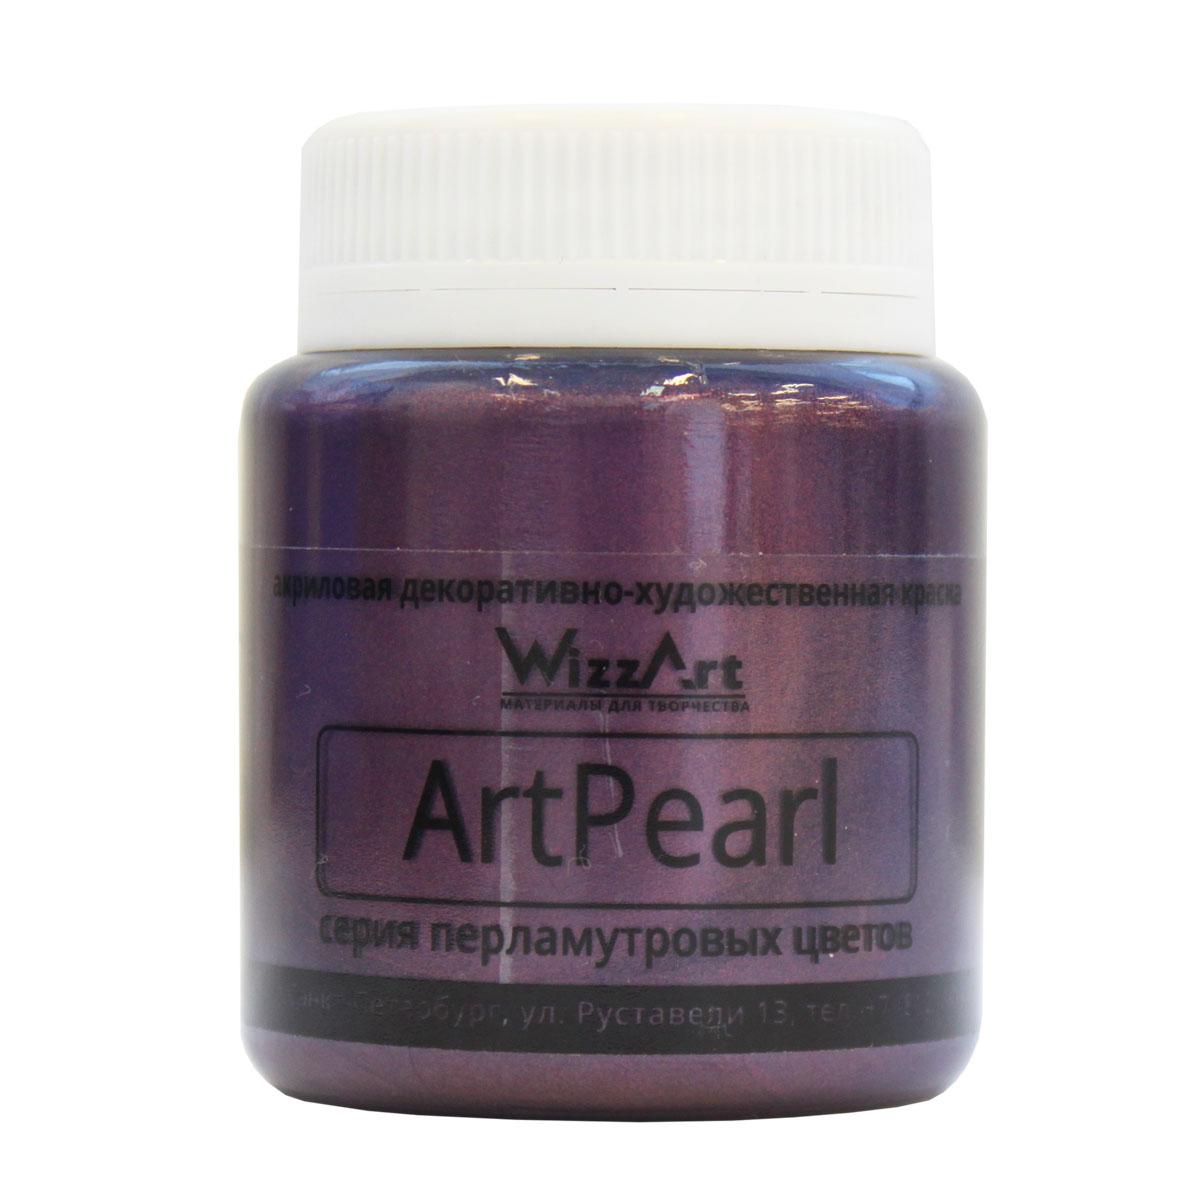 Краска акриловая WizzArt ArtPearl, цвет: баклажан, 80 млFS-36055Линейка акриловых красок WizzArt под названием ArtPearl — это широкий ассортимент перламутровых оттенков. Эффект перламутра помогает создать красивейшие рисунки и замечательный декор. Перламутровая акриловая краска быстро высыхает, прочно держится, создает ровную и гладкую поверхность, которая красиво переливается на свету. Ее мягкое сияние придаст изюминку любому произведению декоративно-прикладного искусства. Все краски WizzArt отлично совместимы между собой, что открывает широкие горизонты для реализации творческих идей. Ими можно декорировать посуду, открытки, рамки для фото, подарочные коробки, зеркала, елочные игрушки. Акриловые краски WizzArt обладают равномерной текстурой, отлично ложатся на любую обезжиренную поверхность и надежно держатся на ней после высыхания, надолго сохраняя яркость цвета и эластичность. Данные краски не содержат токсичных веществ и не имеют сильного запаха.Объем: 80 мл.Товар сертифицирован.